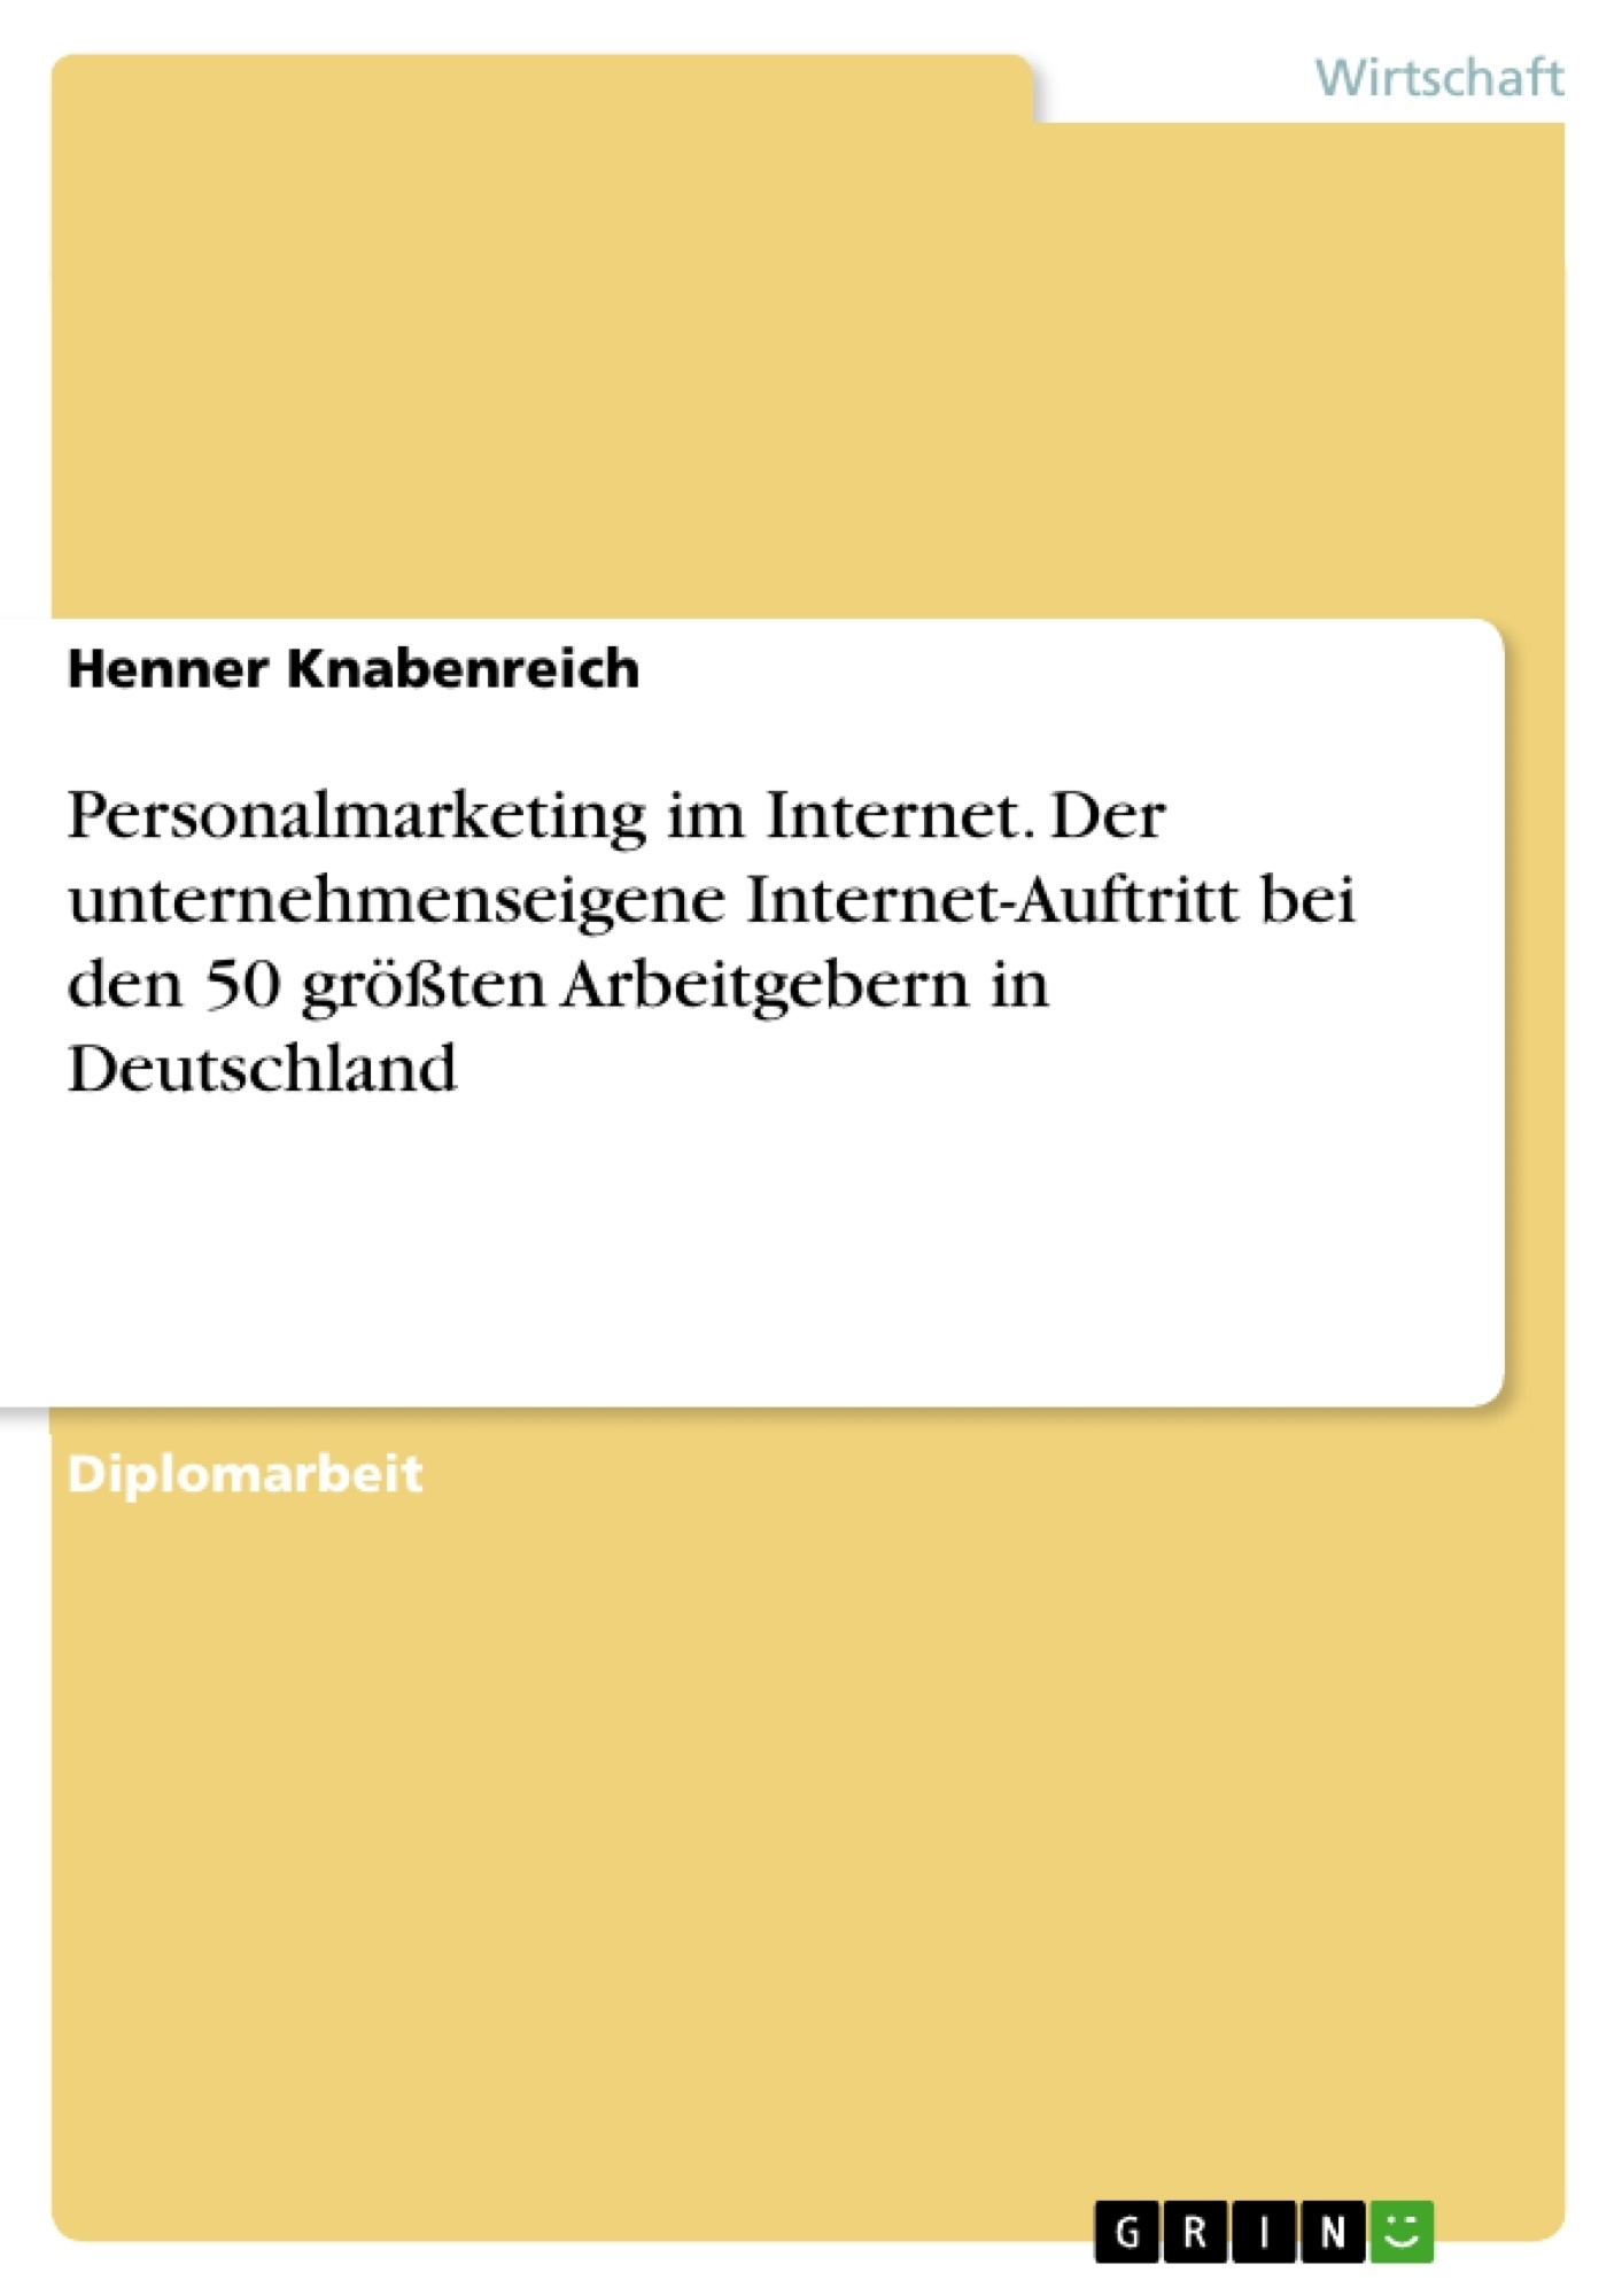 Titel: Personalmarketing im Internet. Der unternehmenseigene Internet-Auftritt bei den 50 größten Arbeitgebern in Deutschland